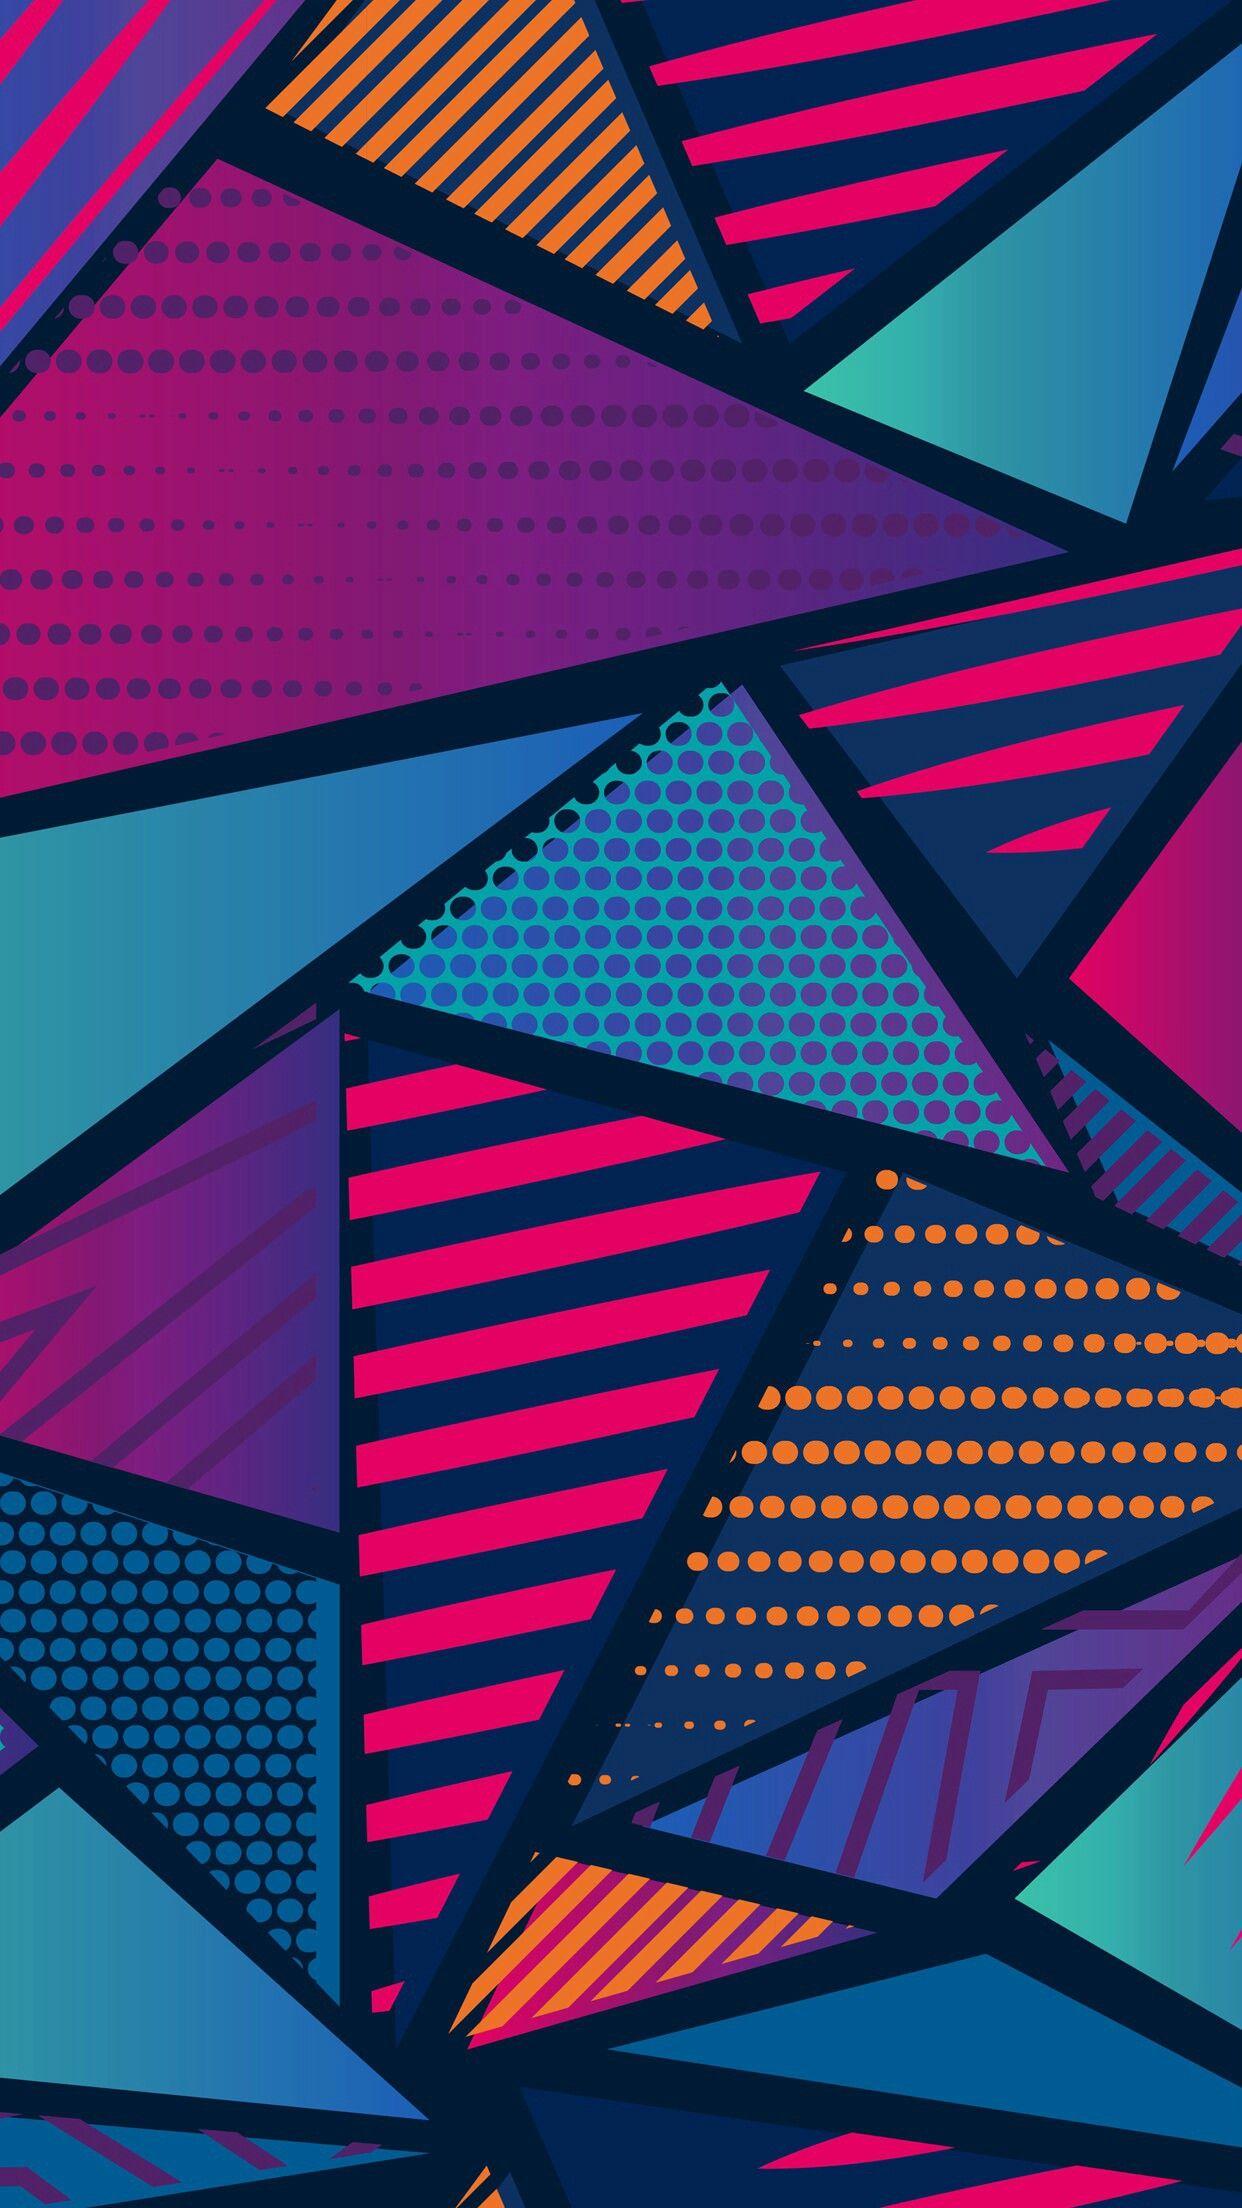 Figuras geometricas | Fondos de pantalla en 2019 | Pinterest | Fondos flasheros, Fondos de ...